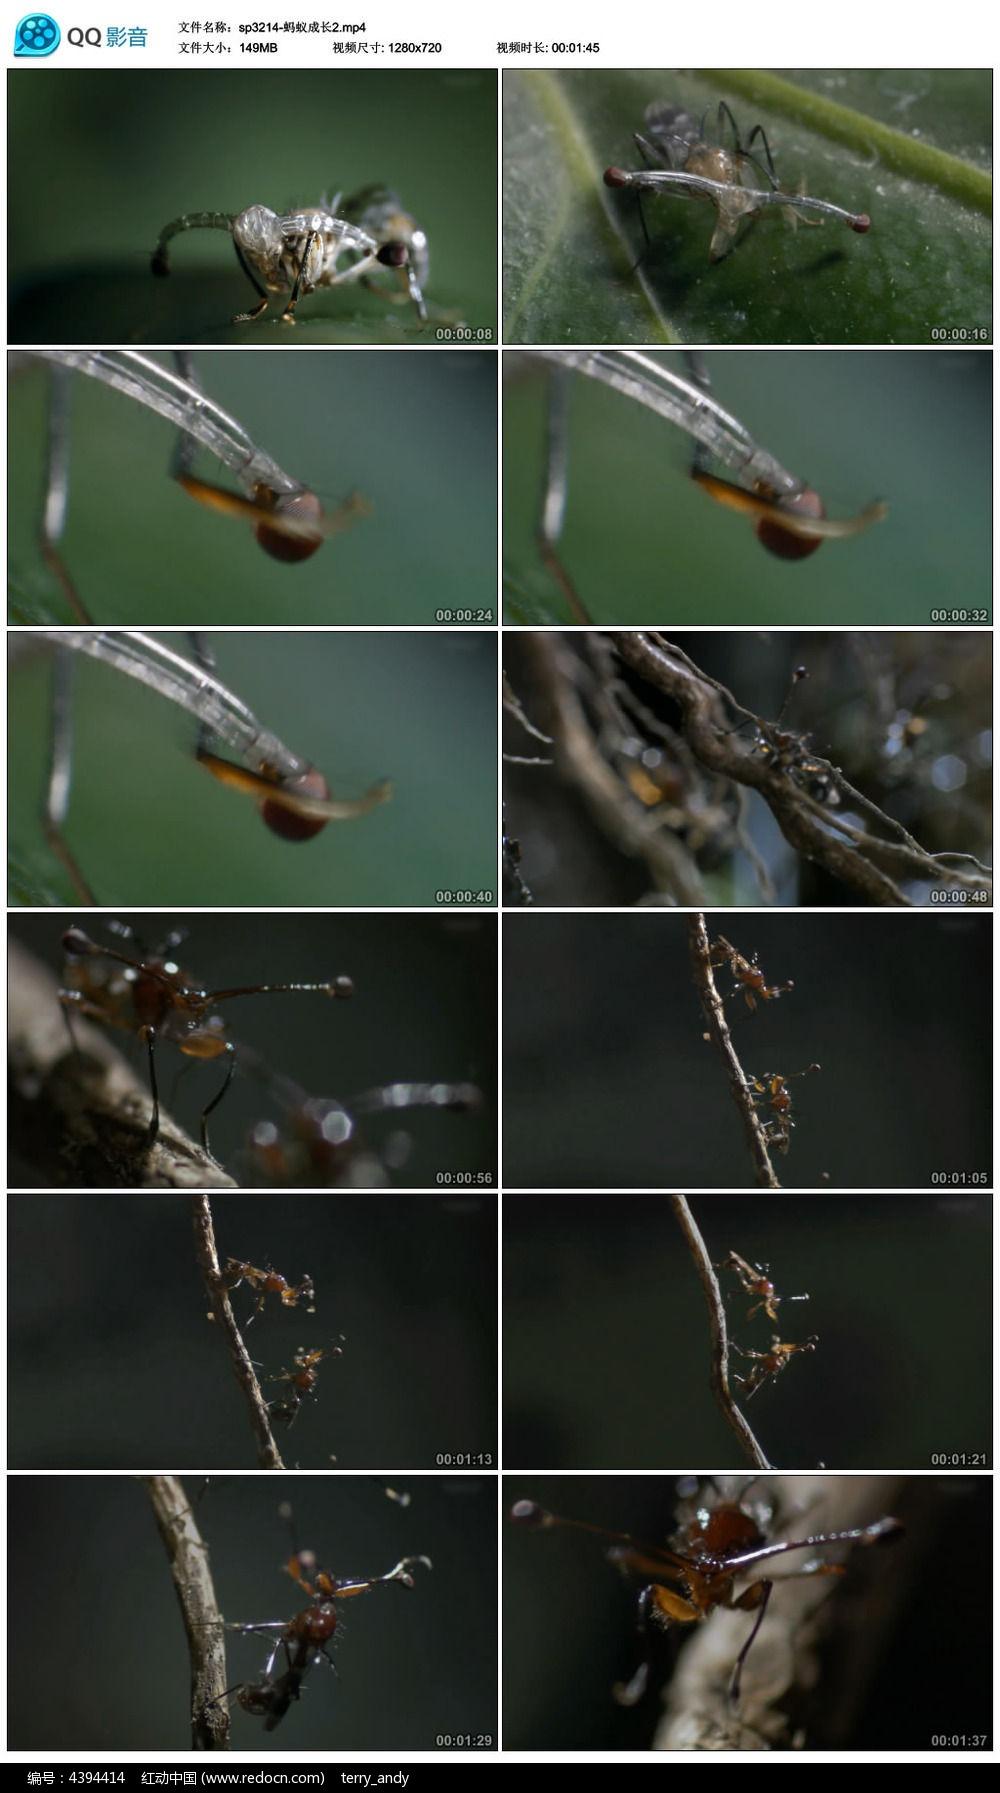 蚂蚁成长特写视频素材